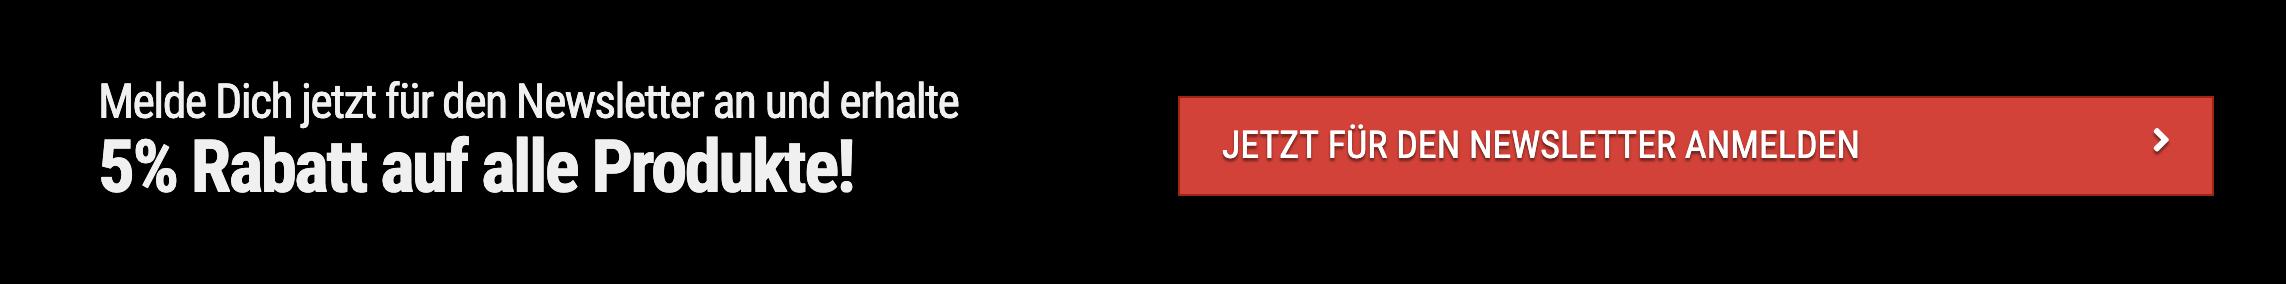 Beispiel eines Buttons der via Klick das Mailchimp Opt-In öffnet